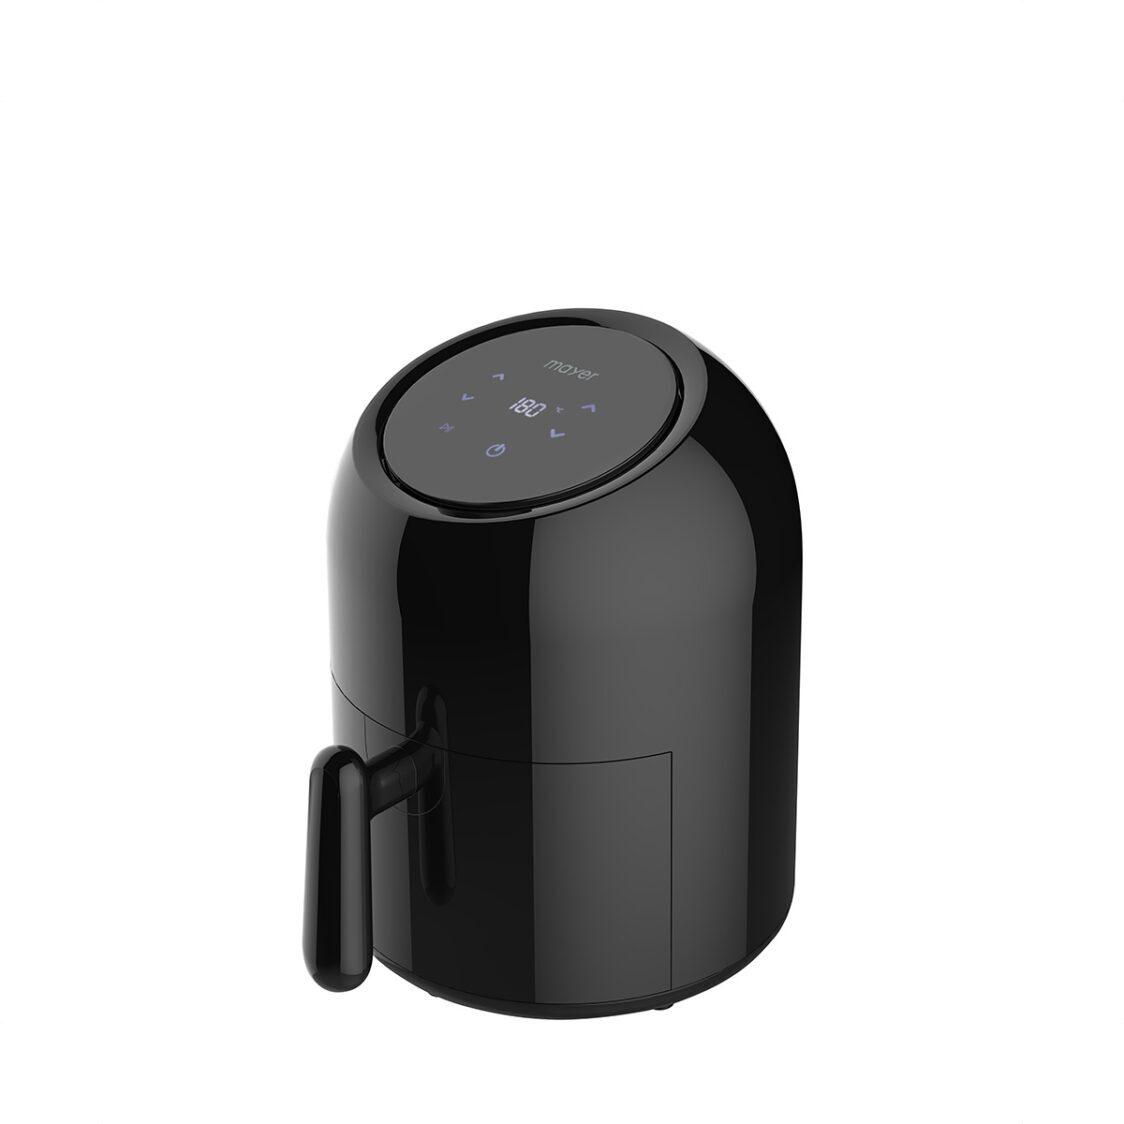 Mayer Digital Air Fryer